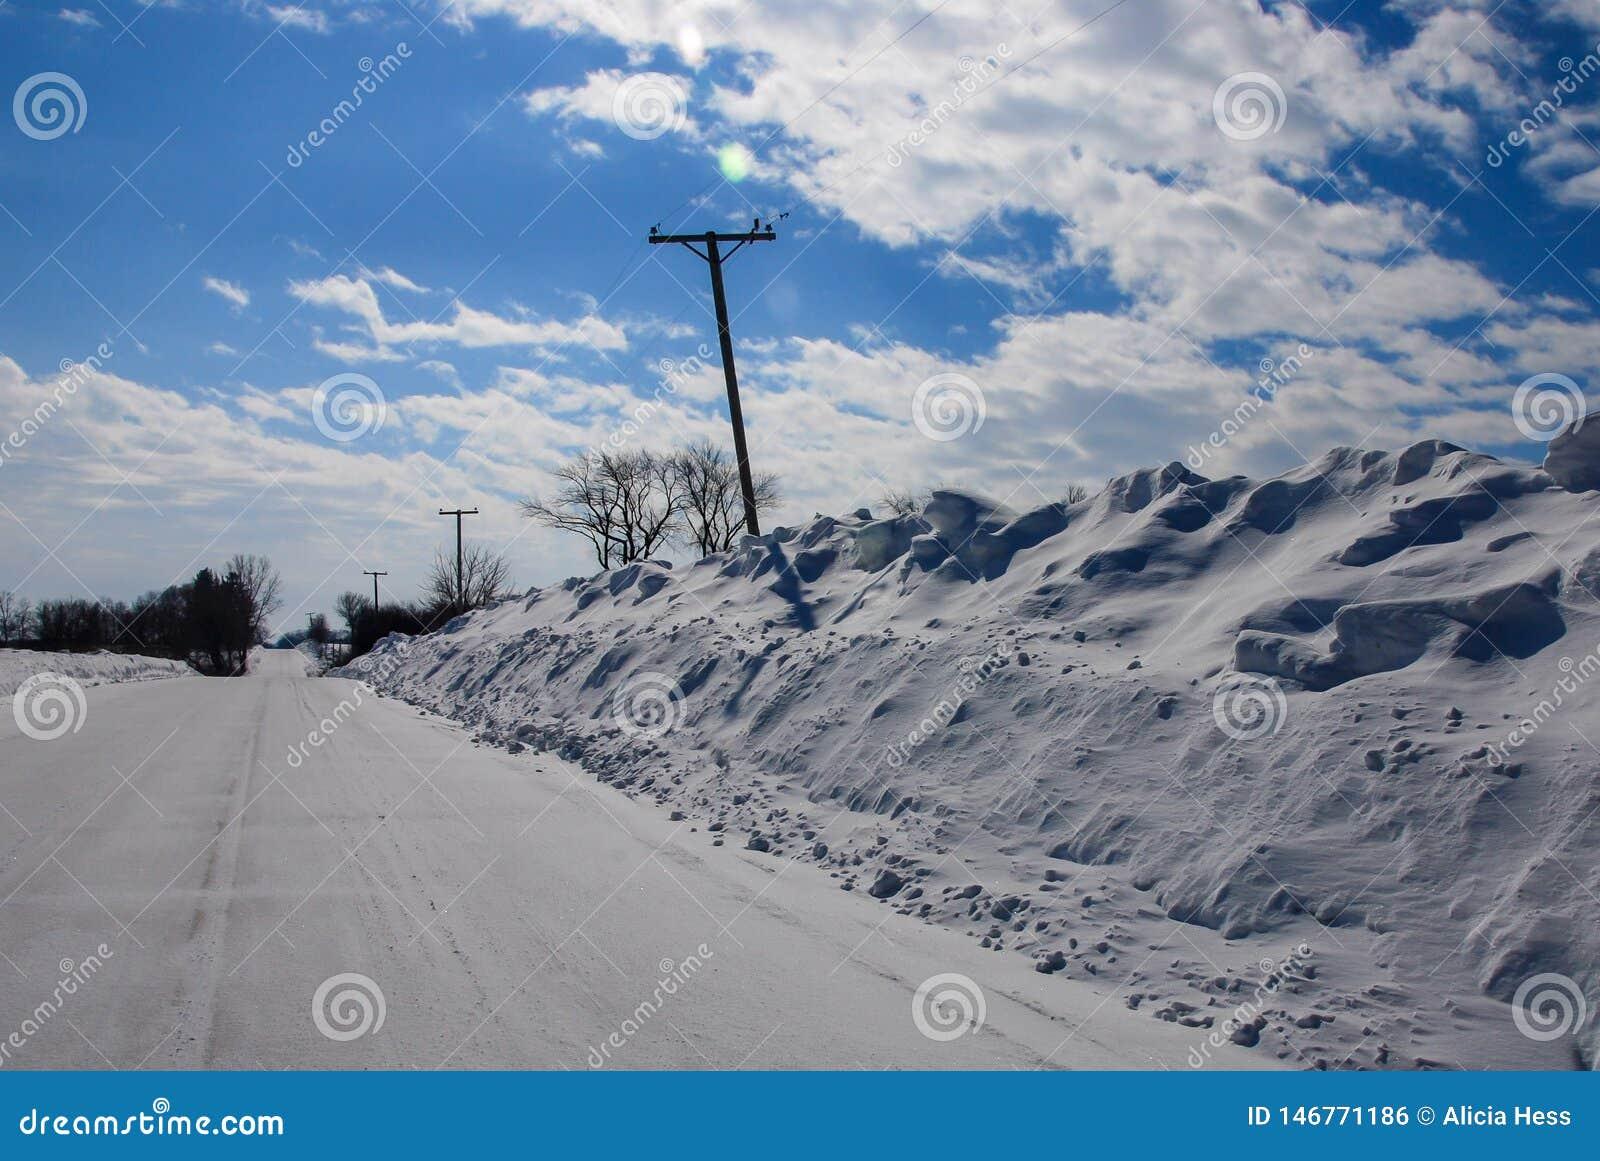 Niezwykle zgłębia snowbanks pchającego telefonicznego słupa zaginającego